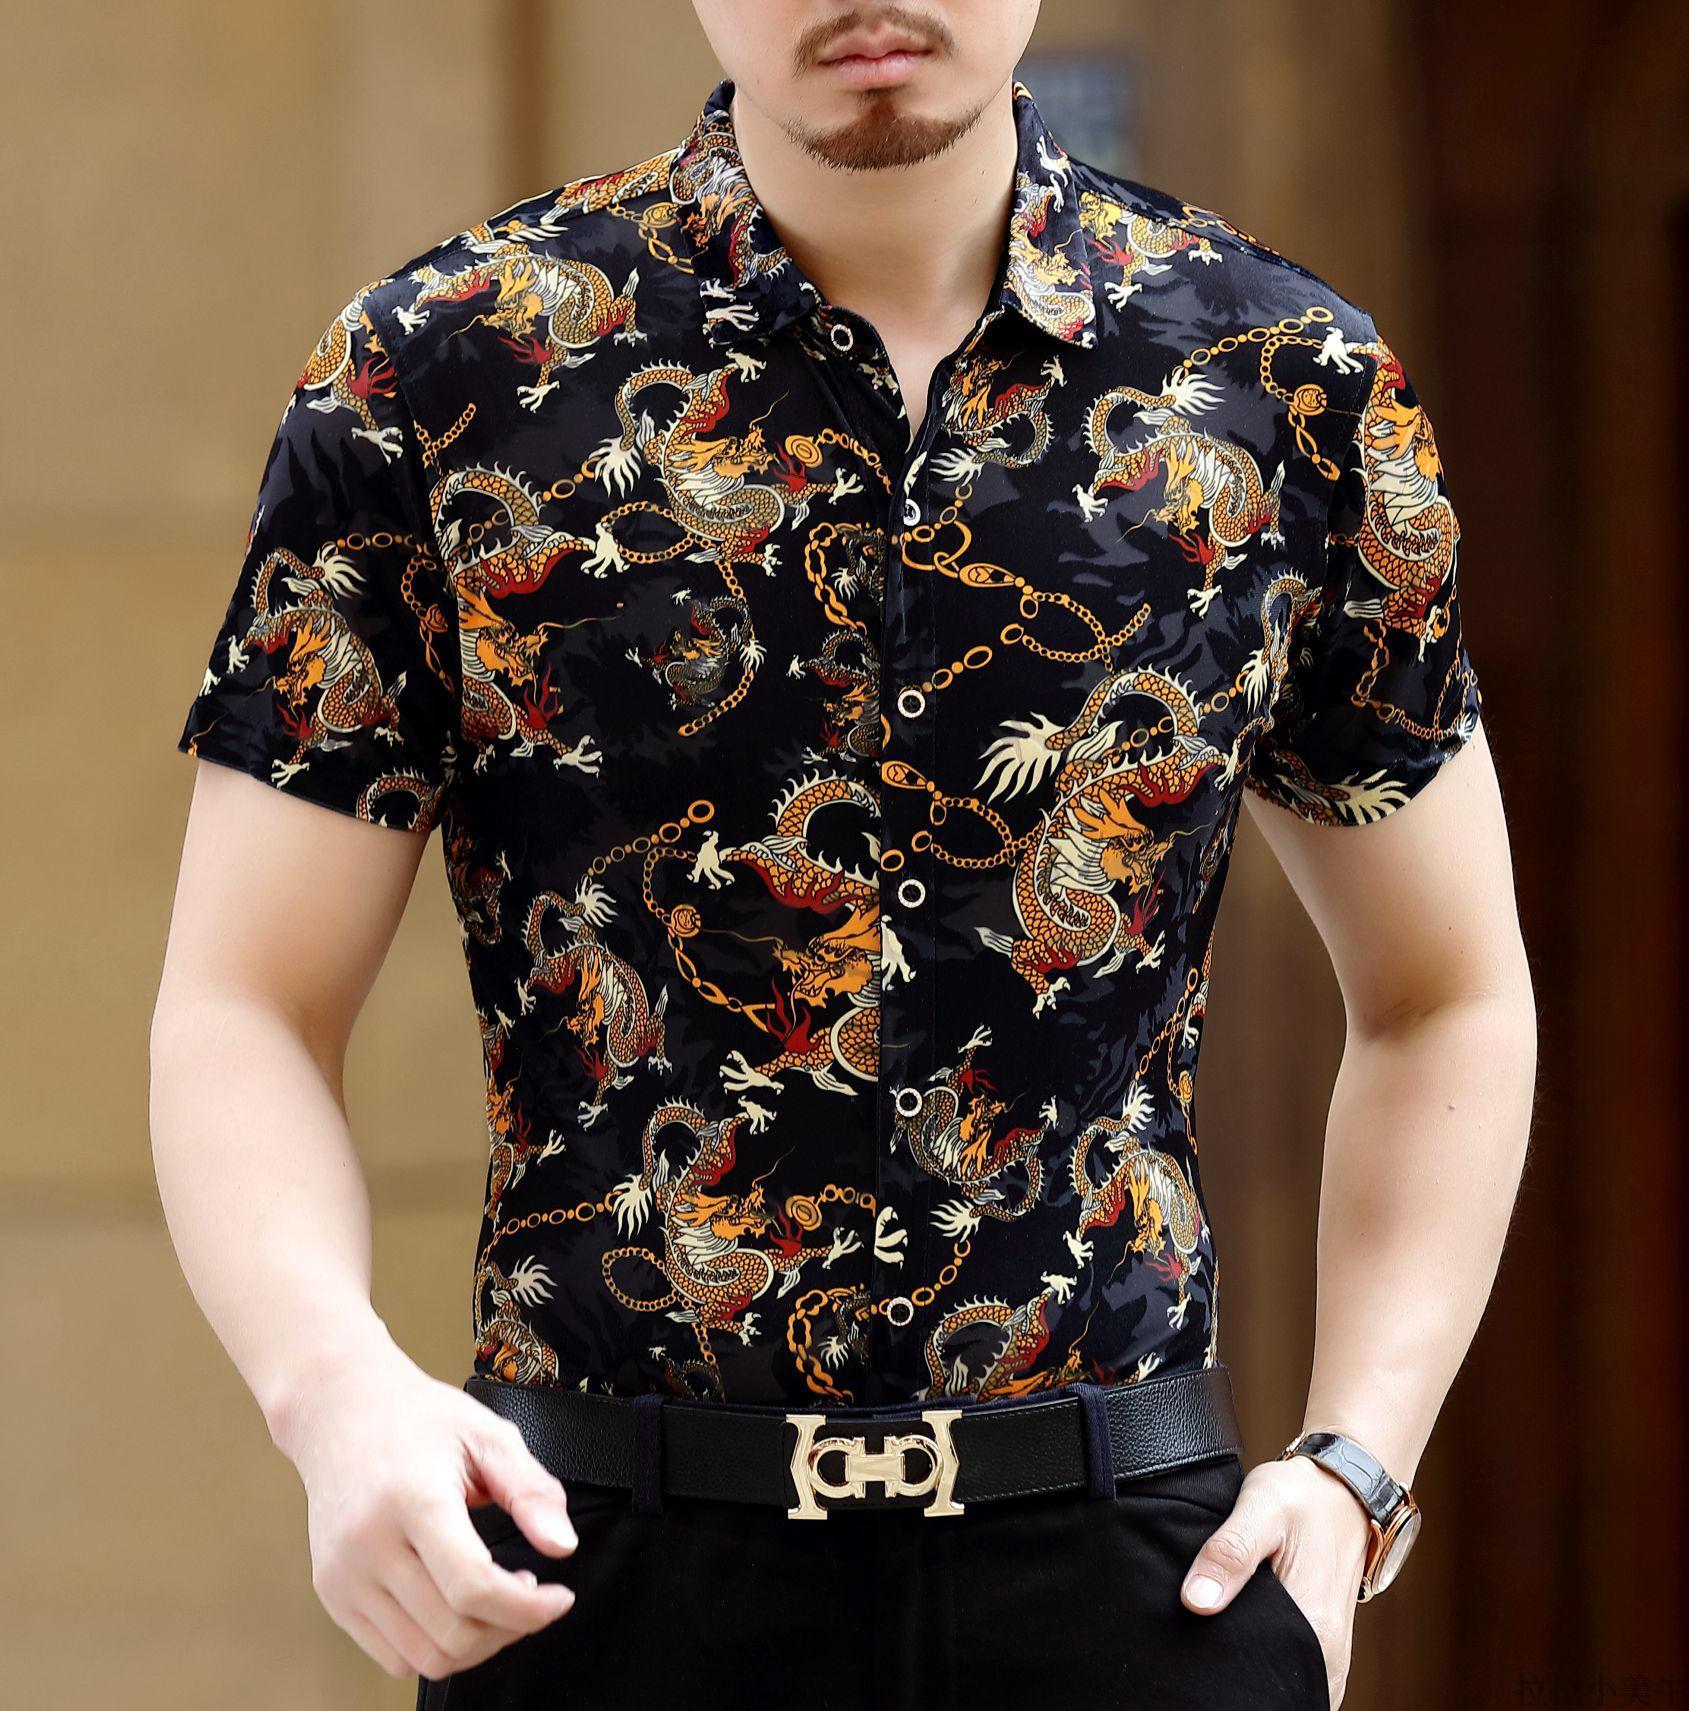 Velvet short sleeved porous thin floral shirt Printed shirt